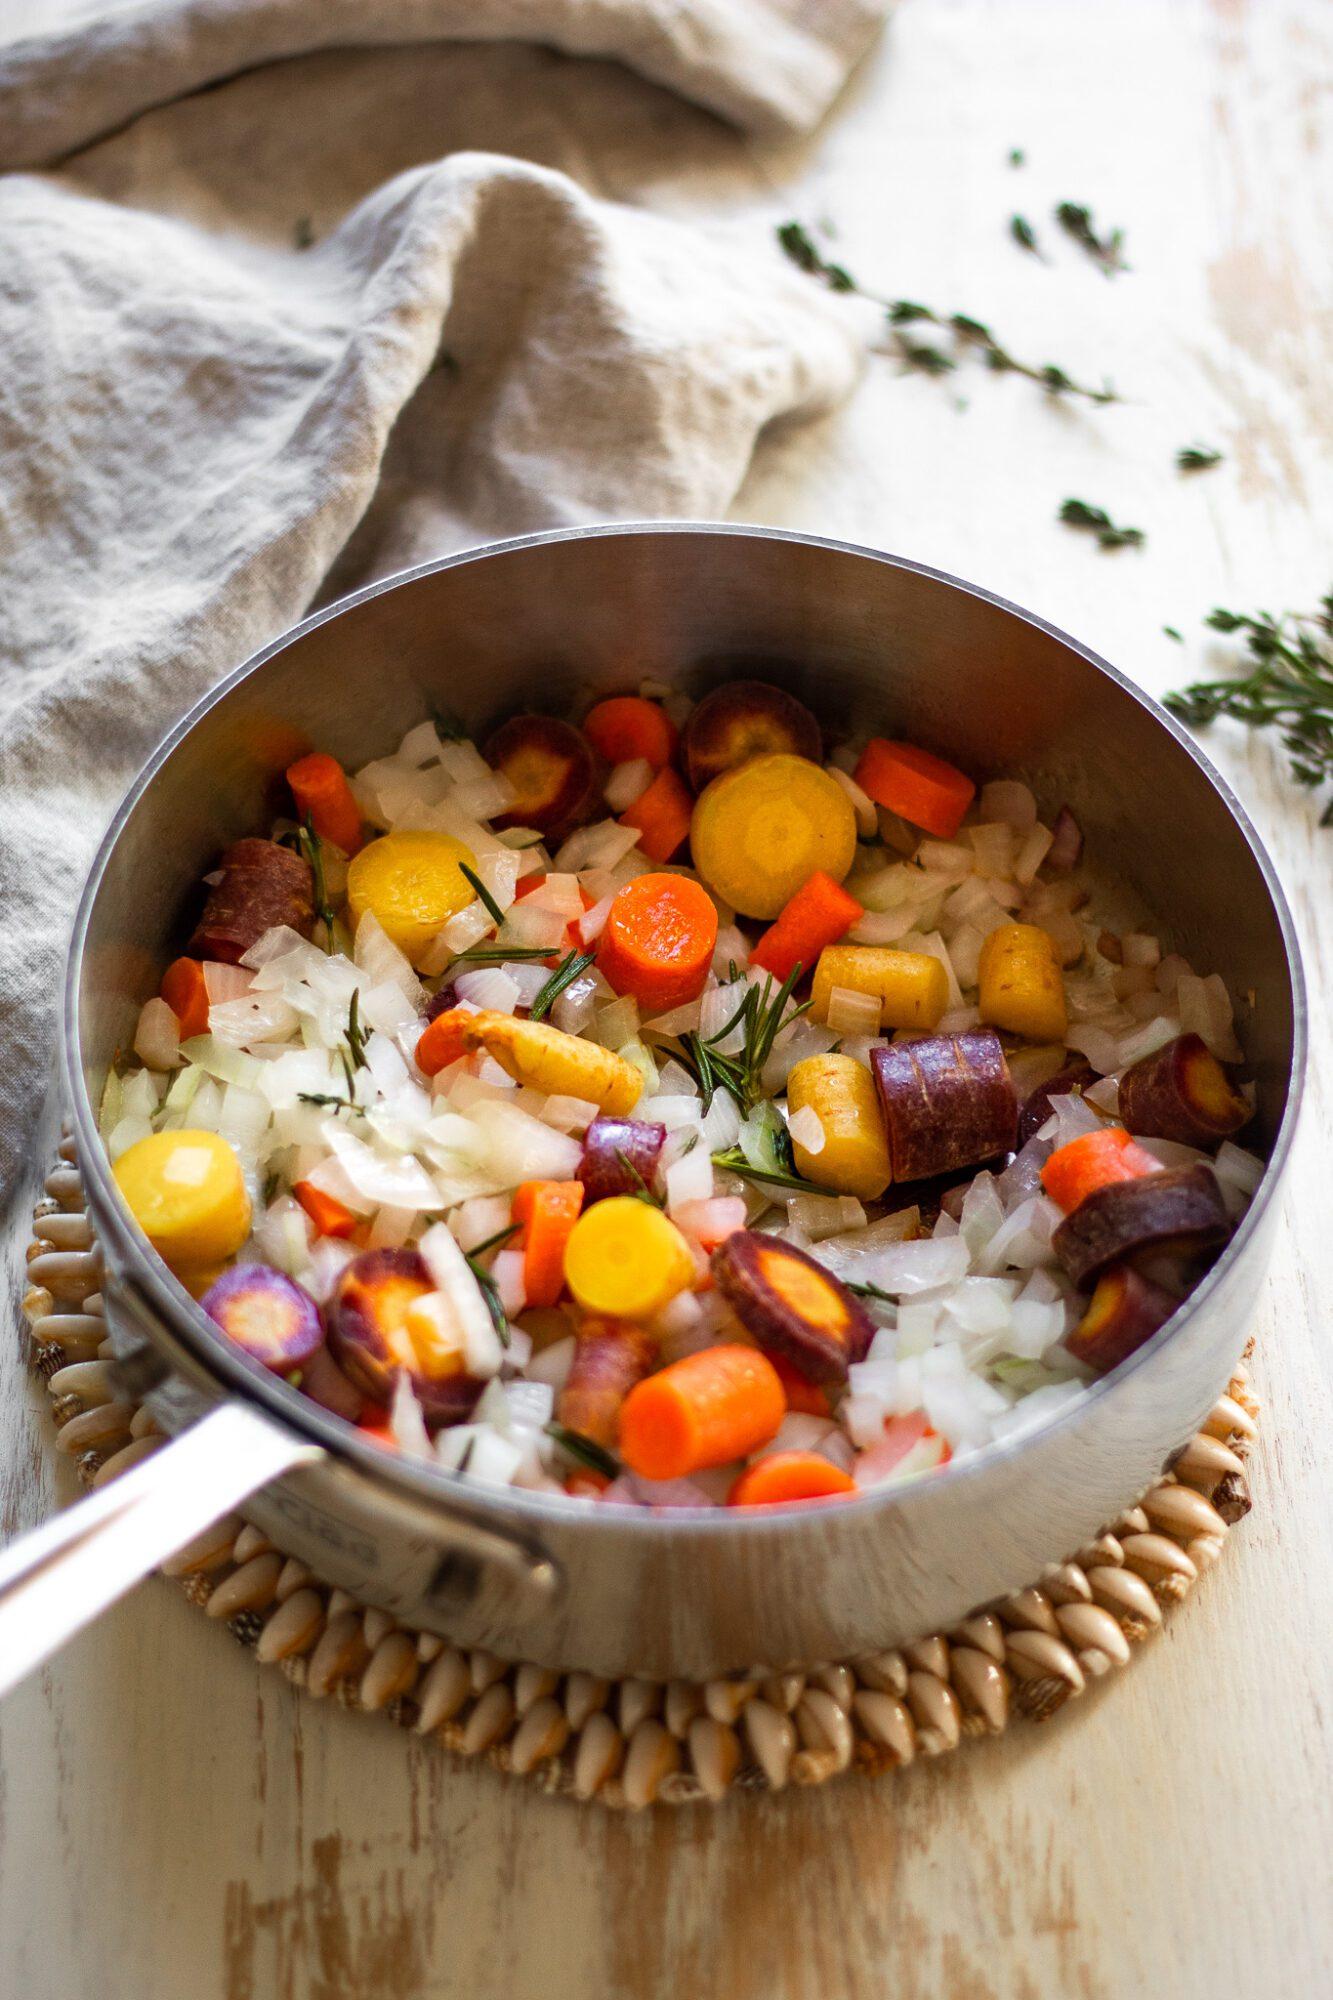 sautéed veggies in pan